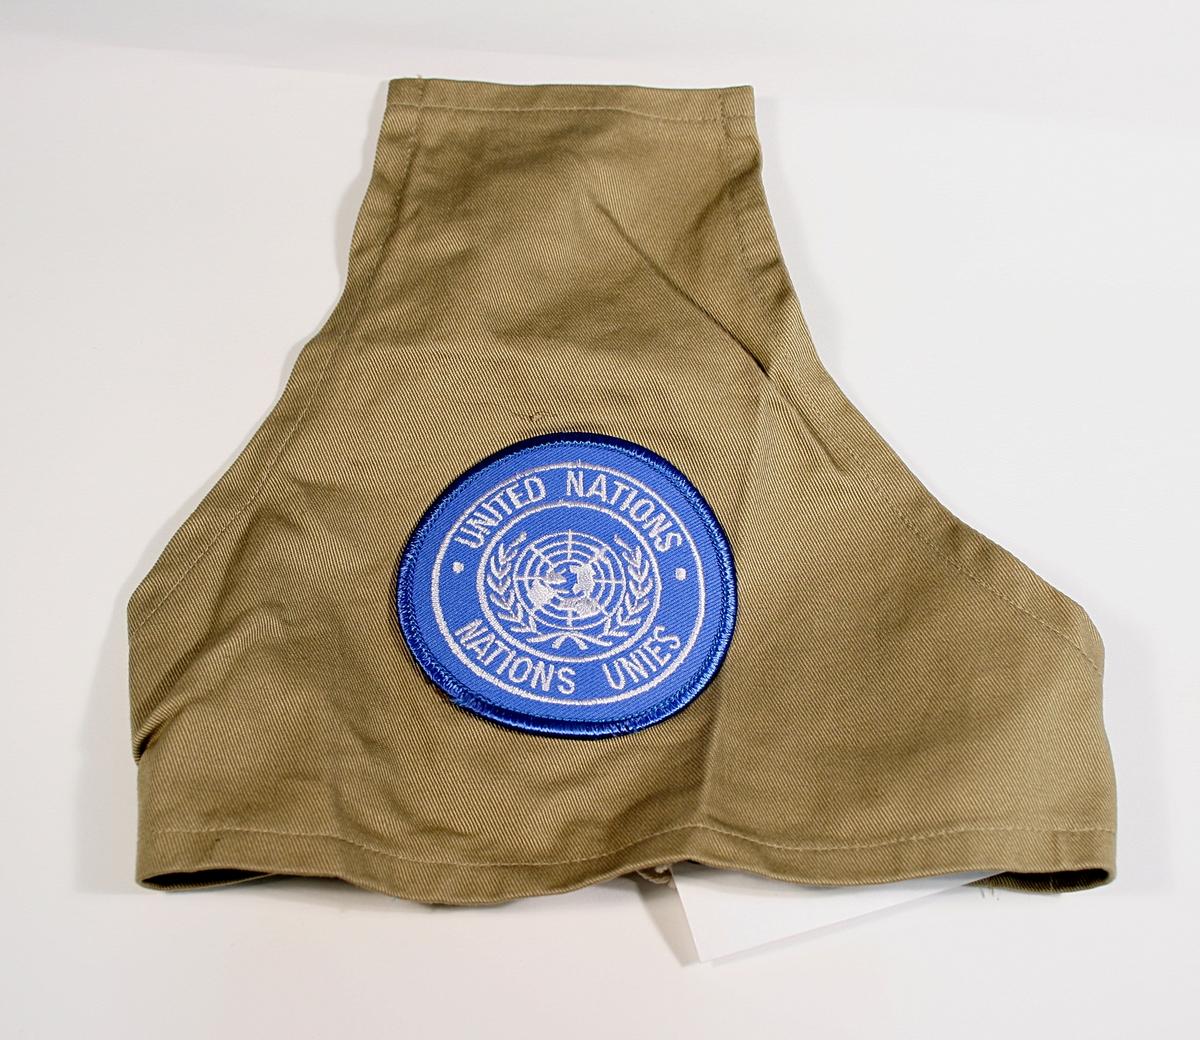 Trekantet skulderbind i beige bomull påsydd blått FN-merke. Bindet festes med strikk.